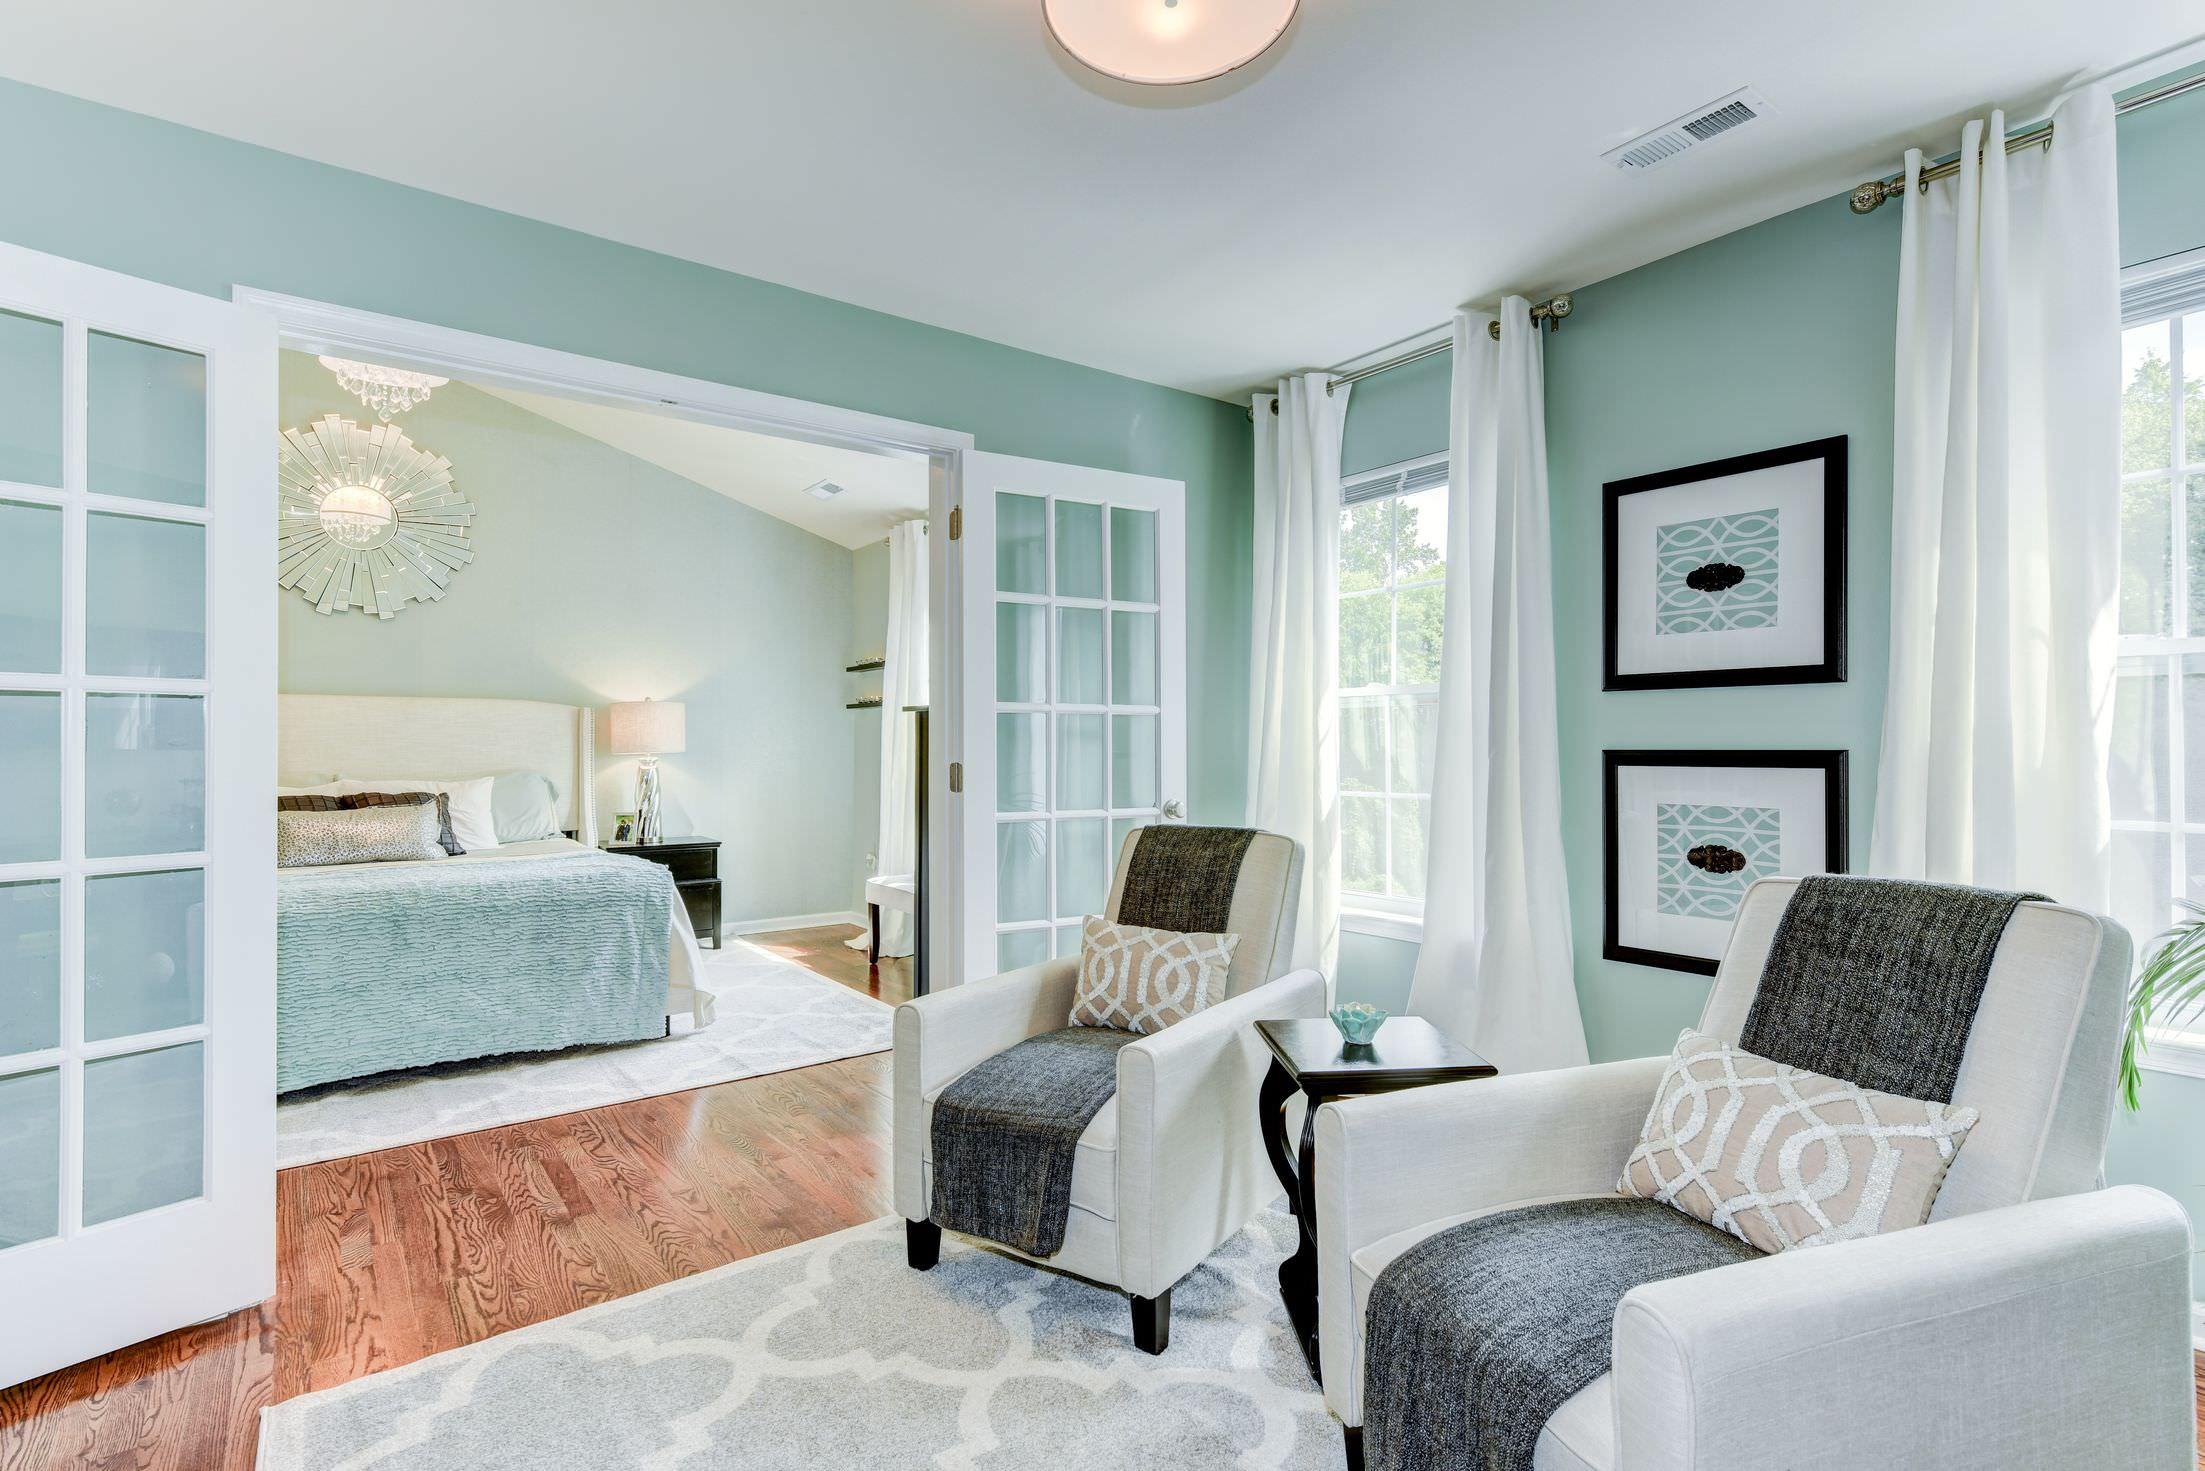 Fullsize Of Living Room Bedroom Together